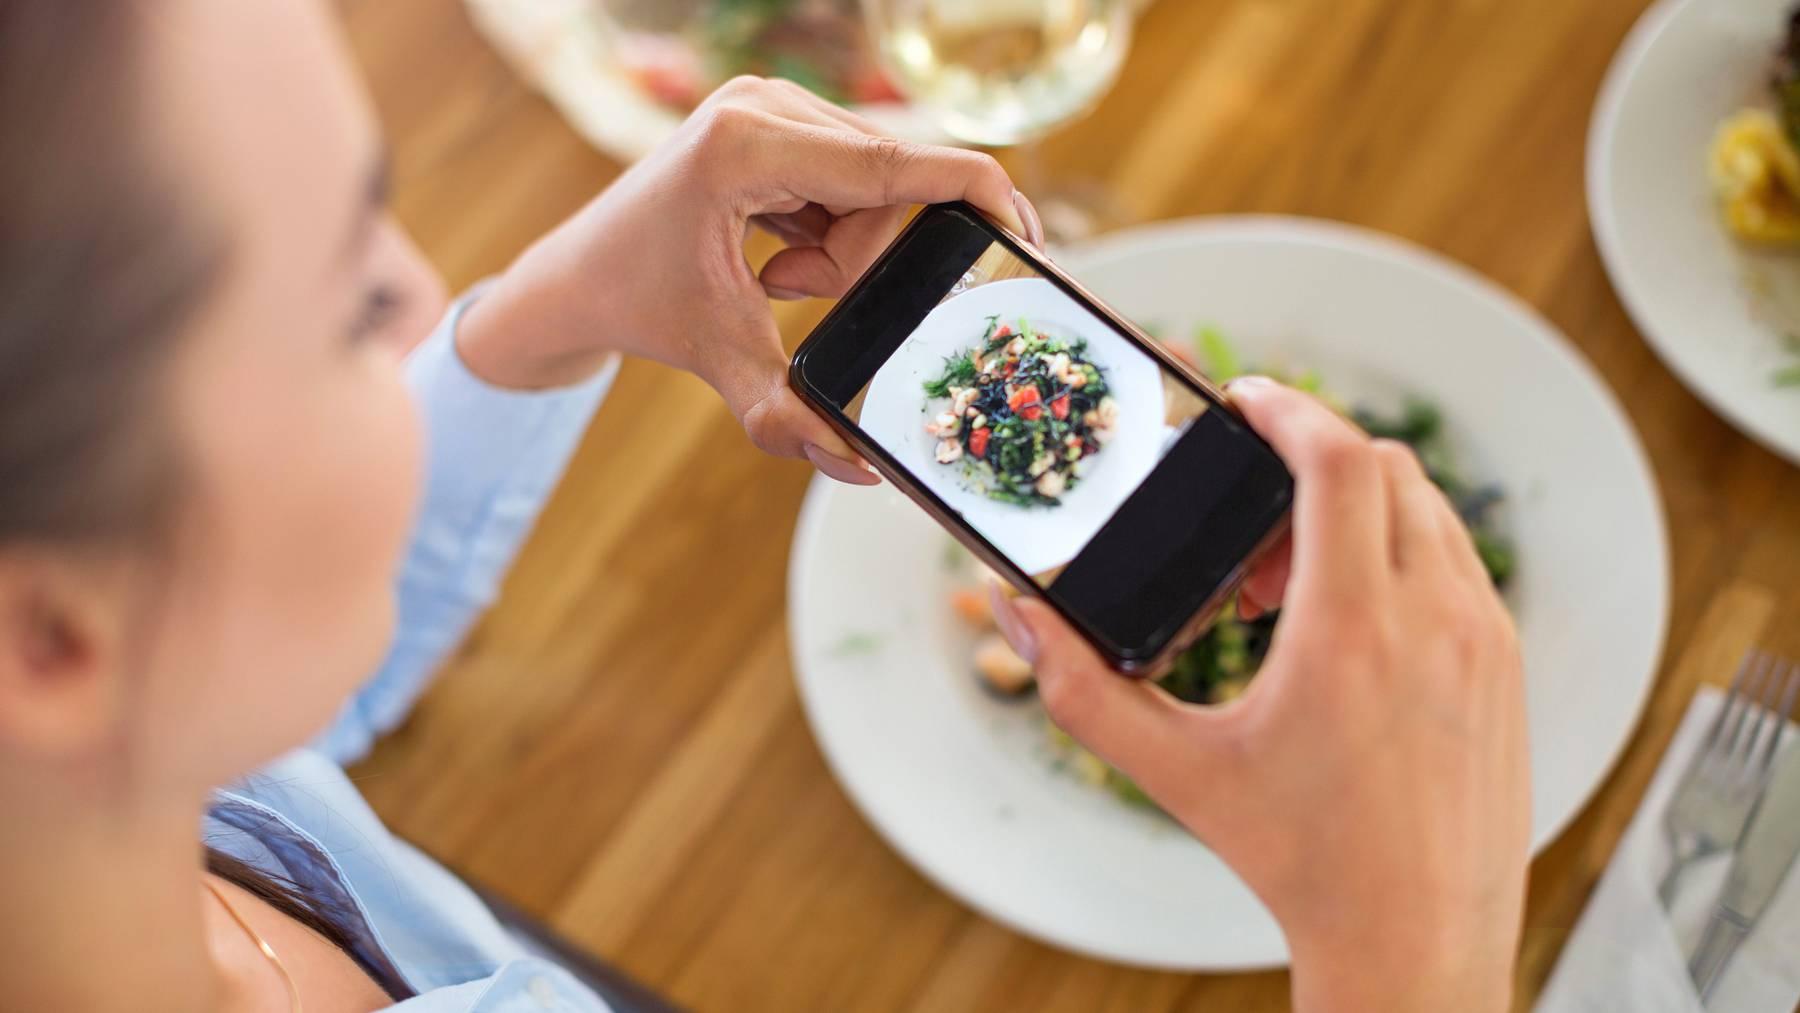 Kunstvoll angerichtete Teller gelten als Kunst und unterliegen einem Urheberrecht.